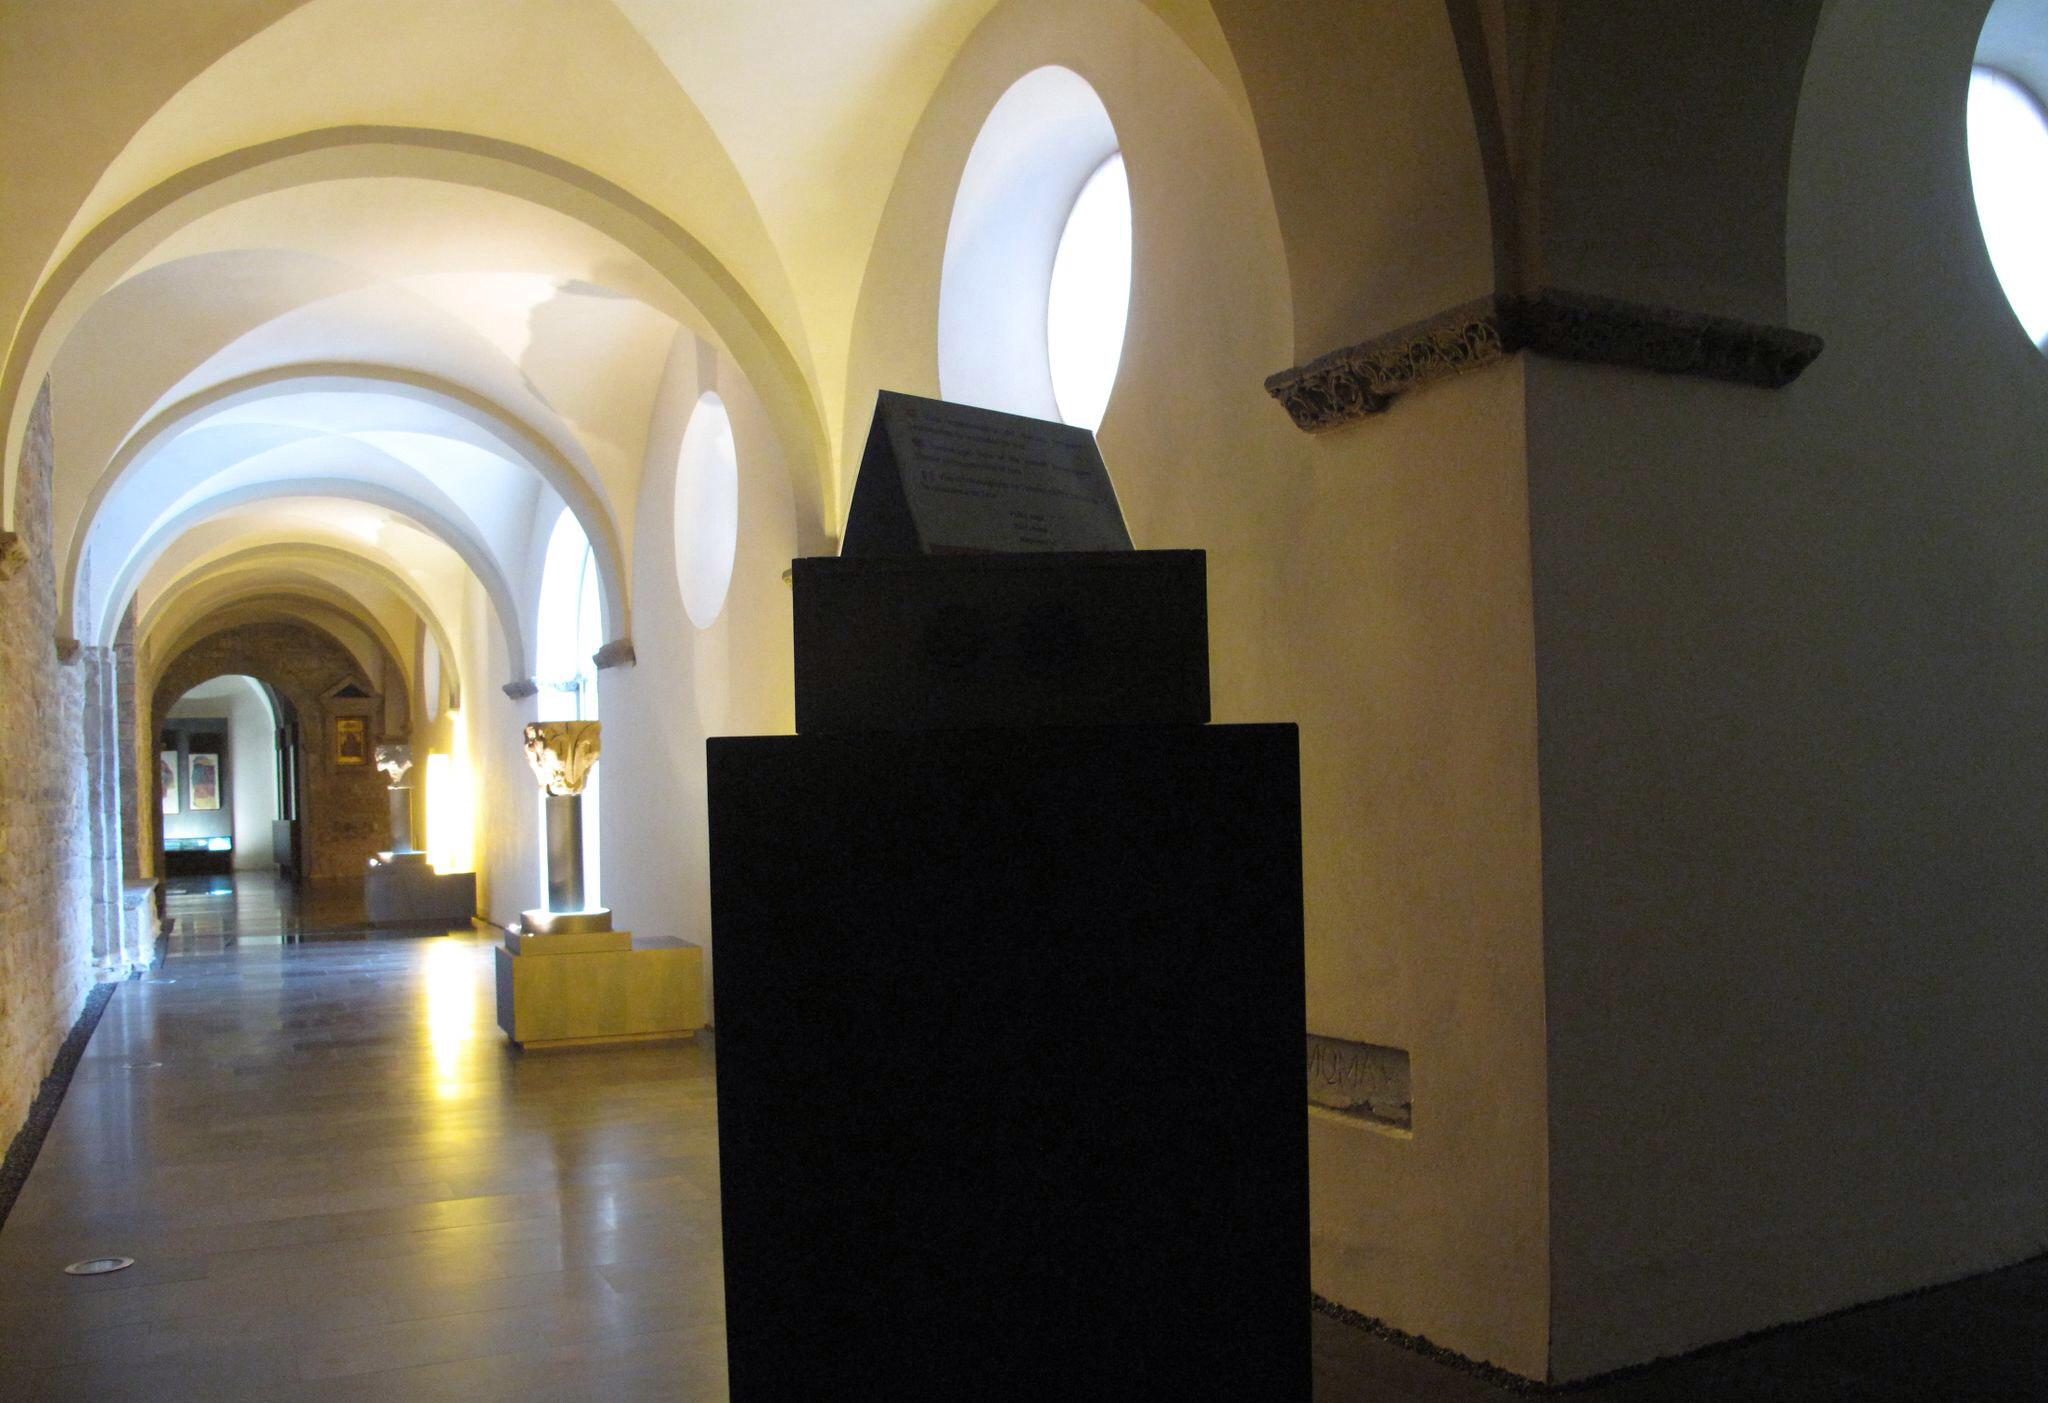 museo diocesano de jaca_claustro_vista estereoscopica_barroco